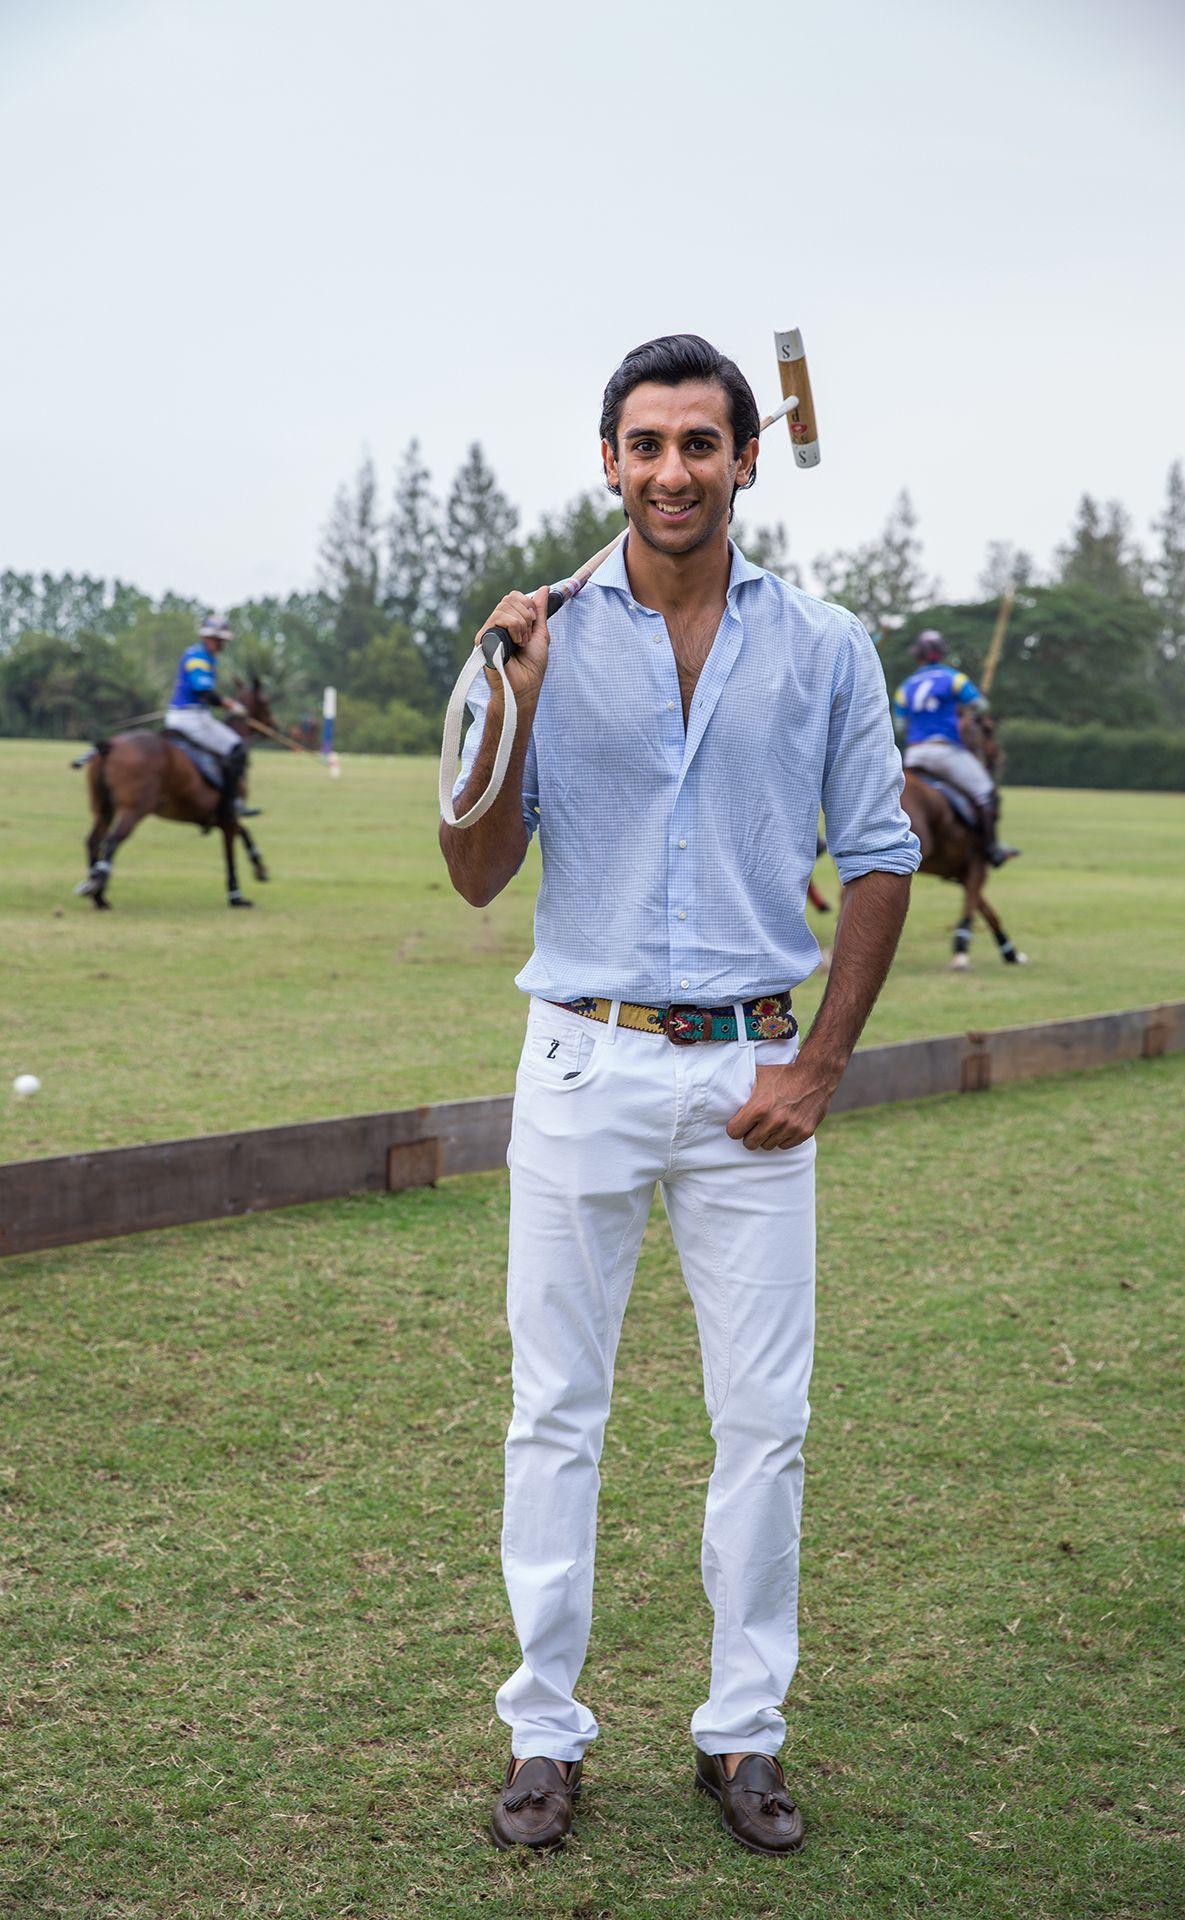 เขาคือนักกีฬา เฟมินิสต์ และมหาราชาแห่งชัยปุระ - บทสัมภาษณ์สุดพิเศษกับมหาราชา Padmanabh Singh